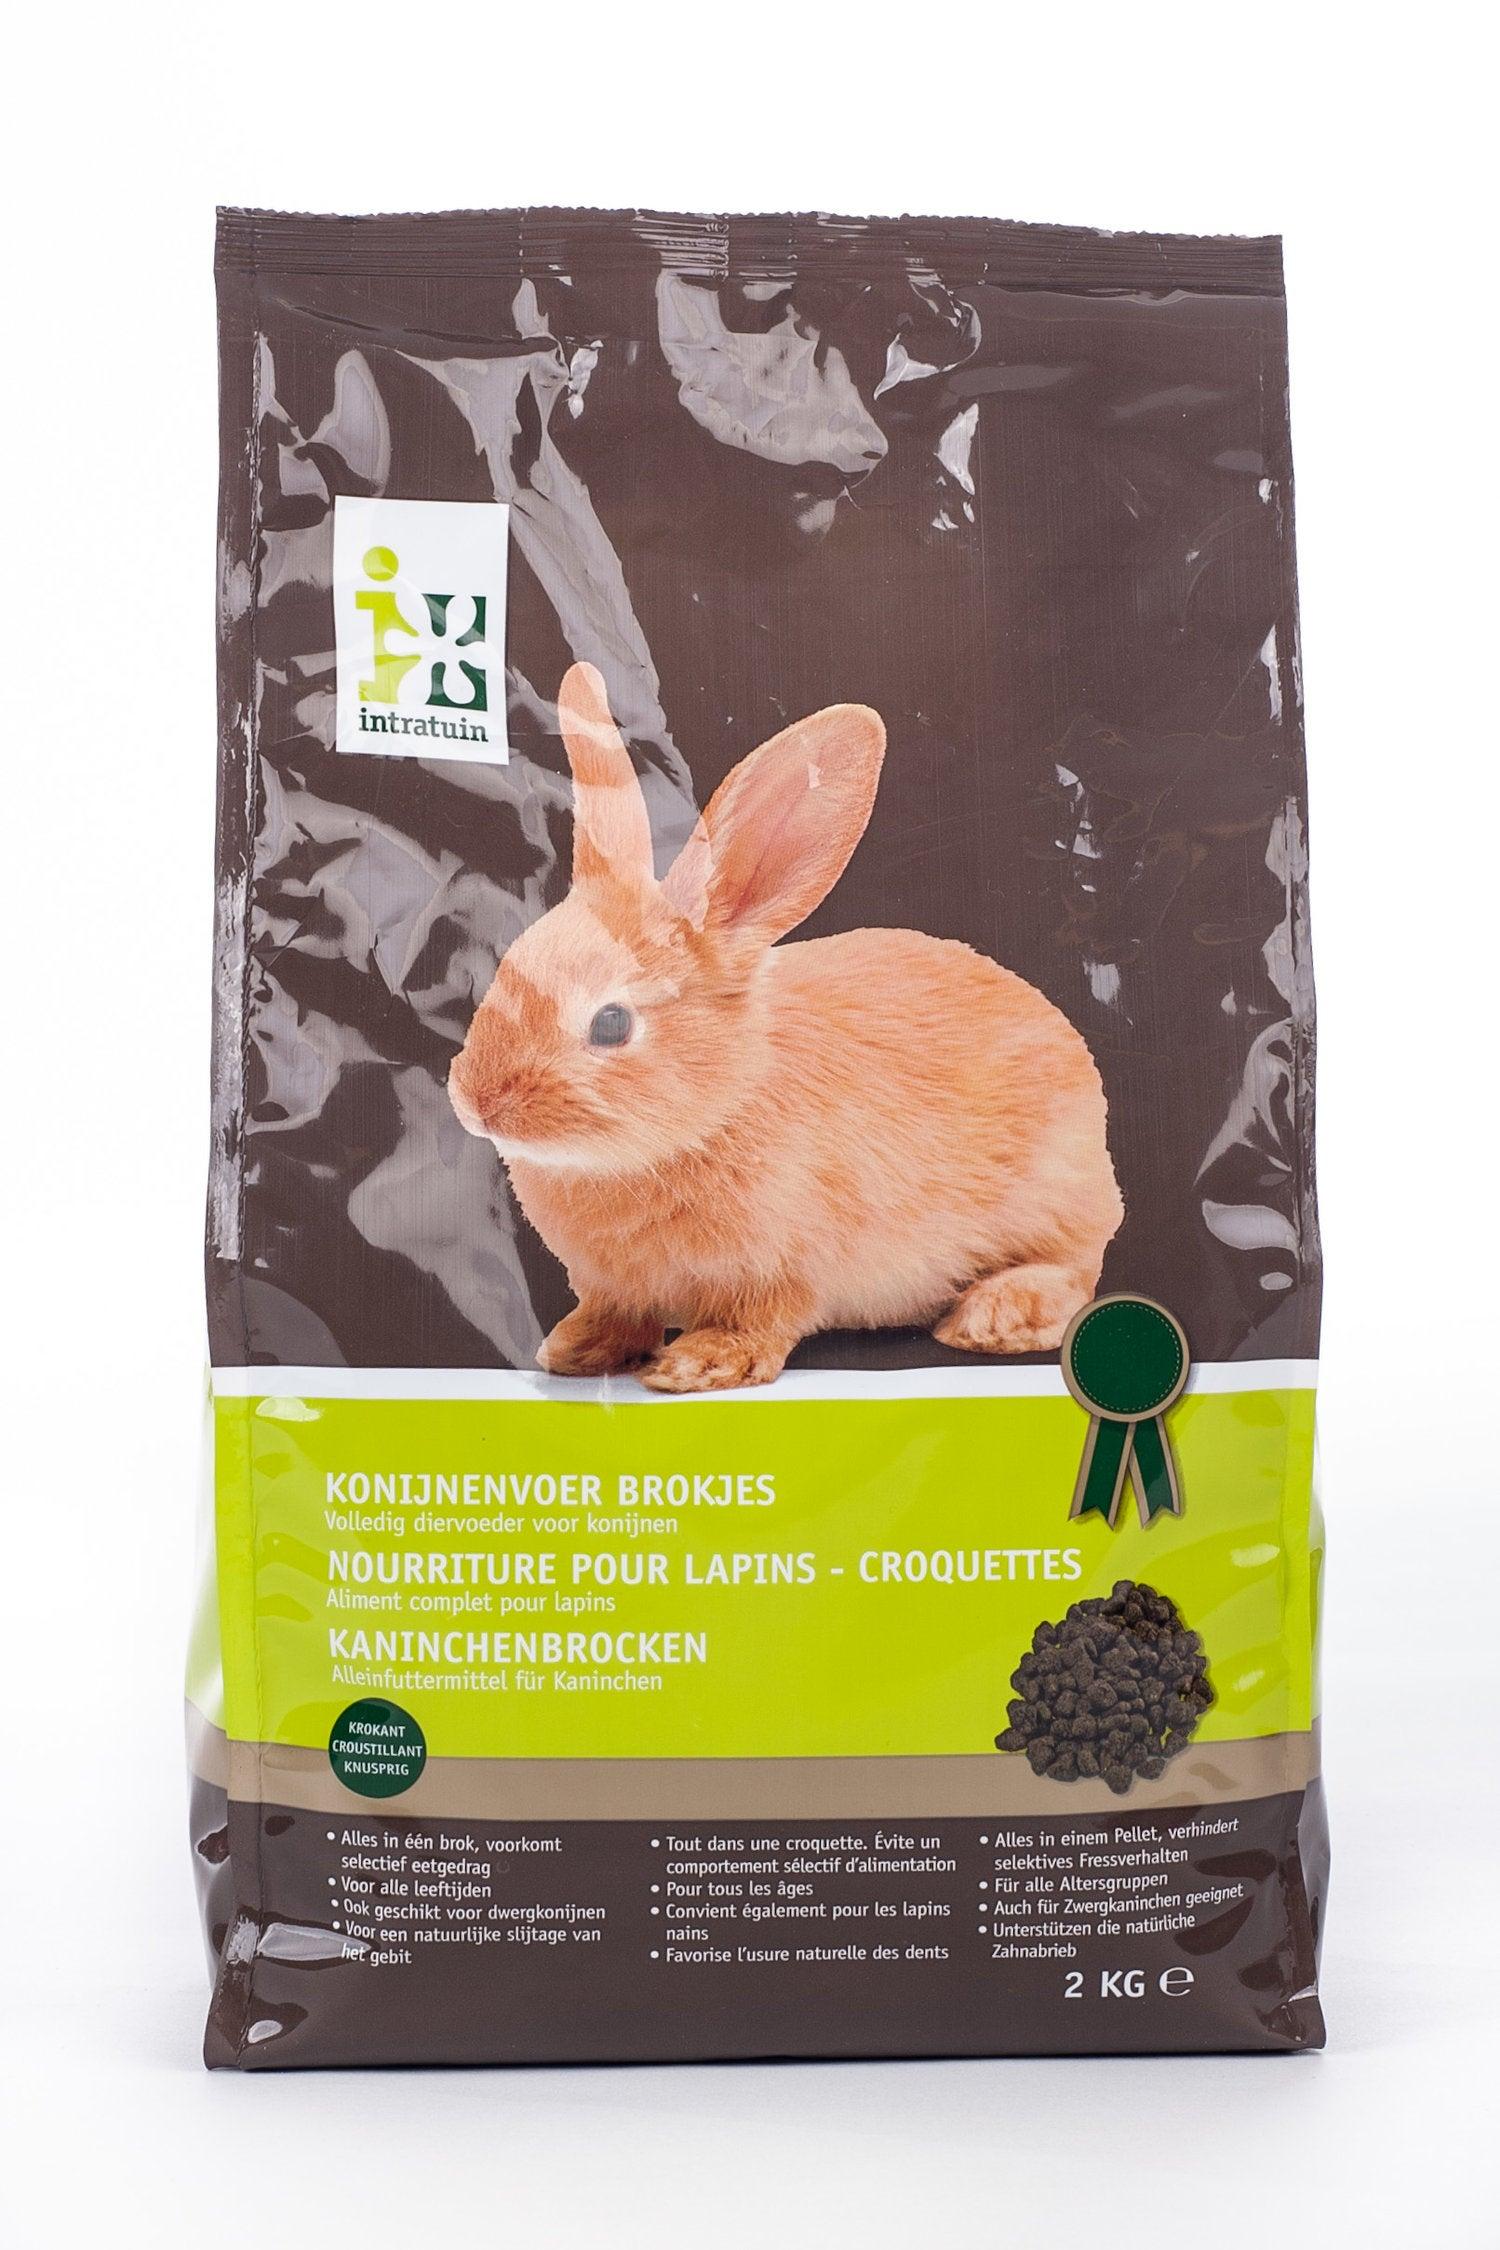 Intratuin konijnenvoer brokjes 2 kg